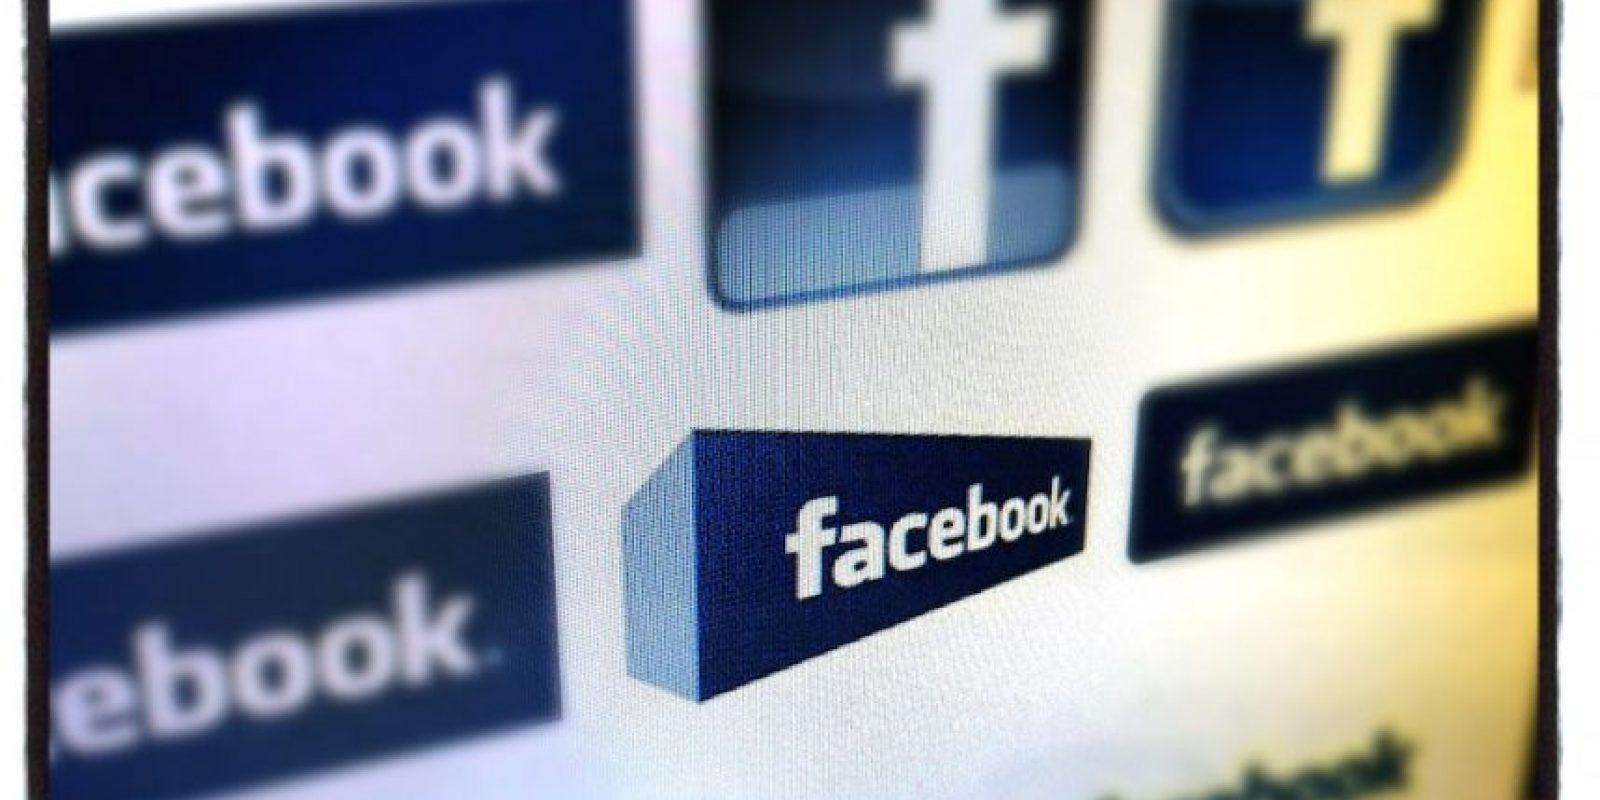 Ambas aplicaciones fueron creadas para compartir y conocer contactos. Foto:Getty